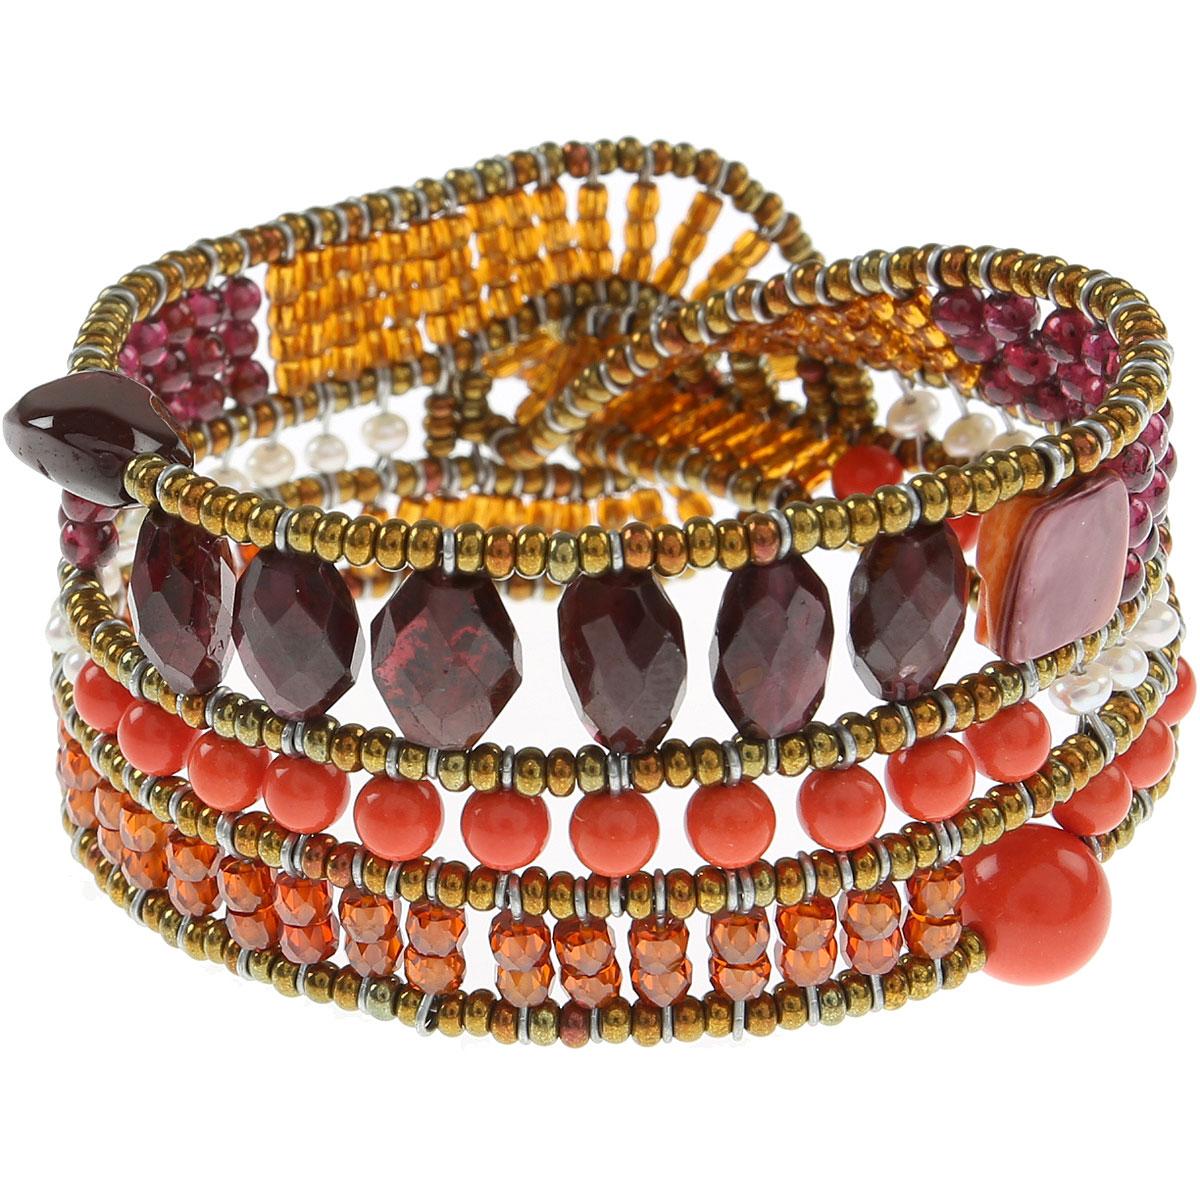 Ziio Jewellery Bracelet for Women On Sale, Orange, Garnet, 2019